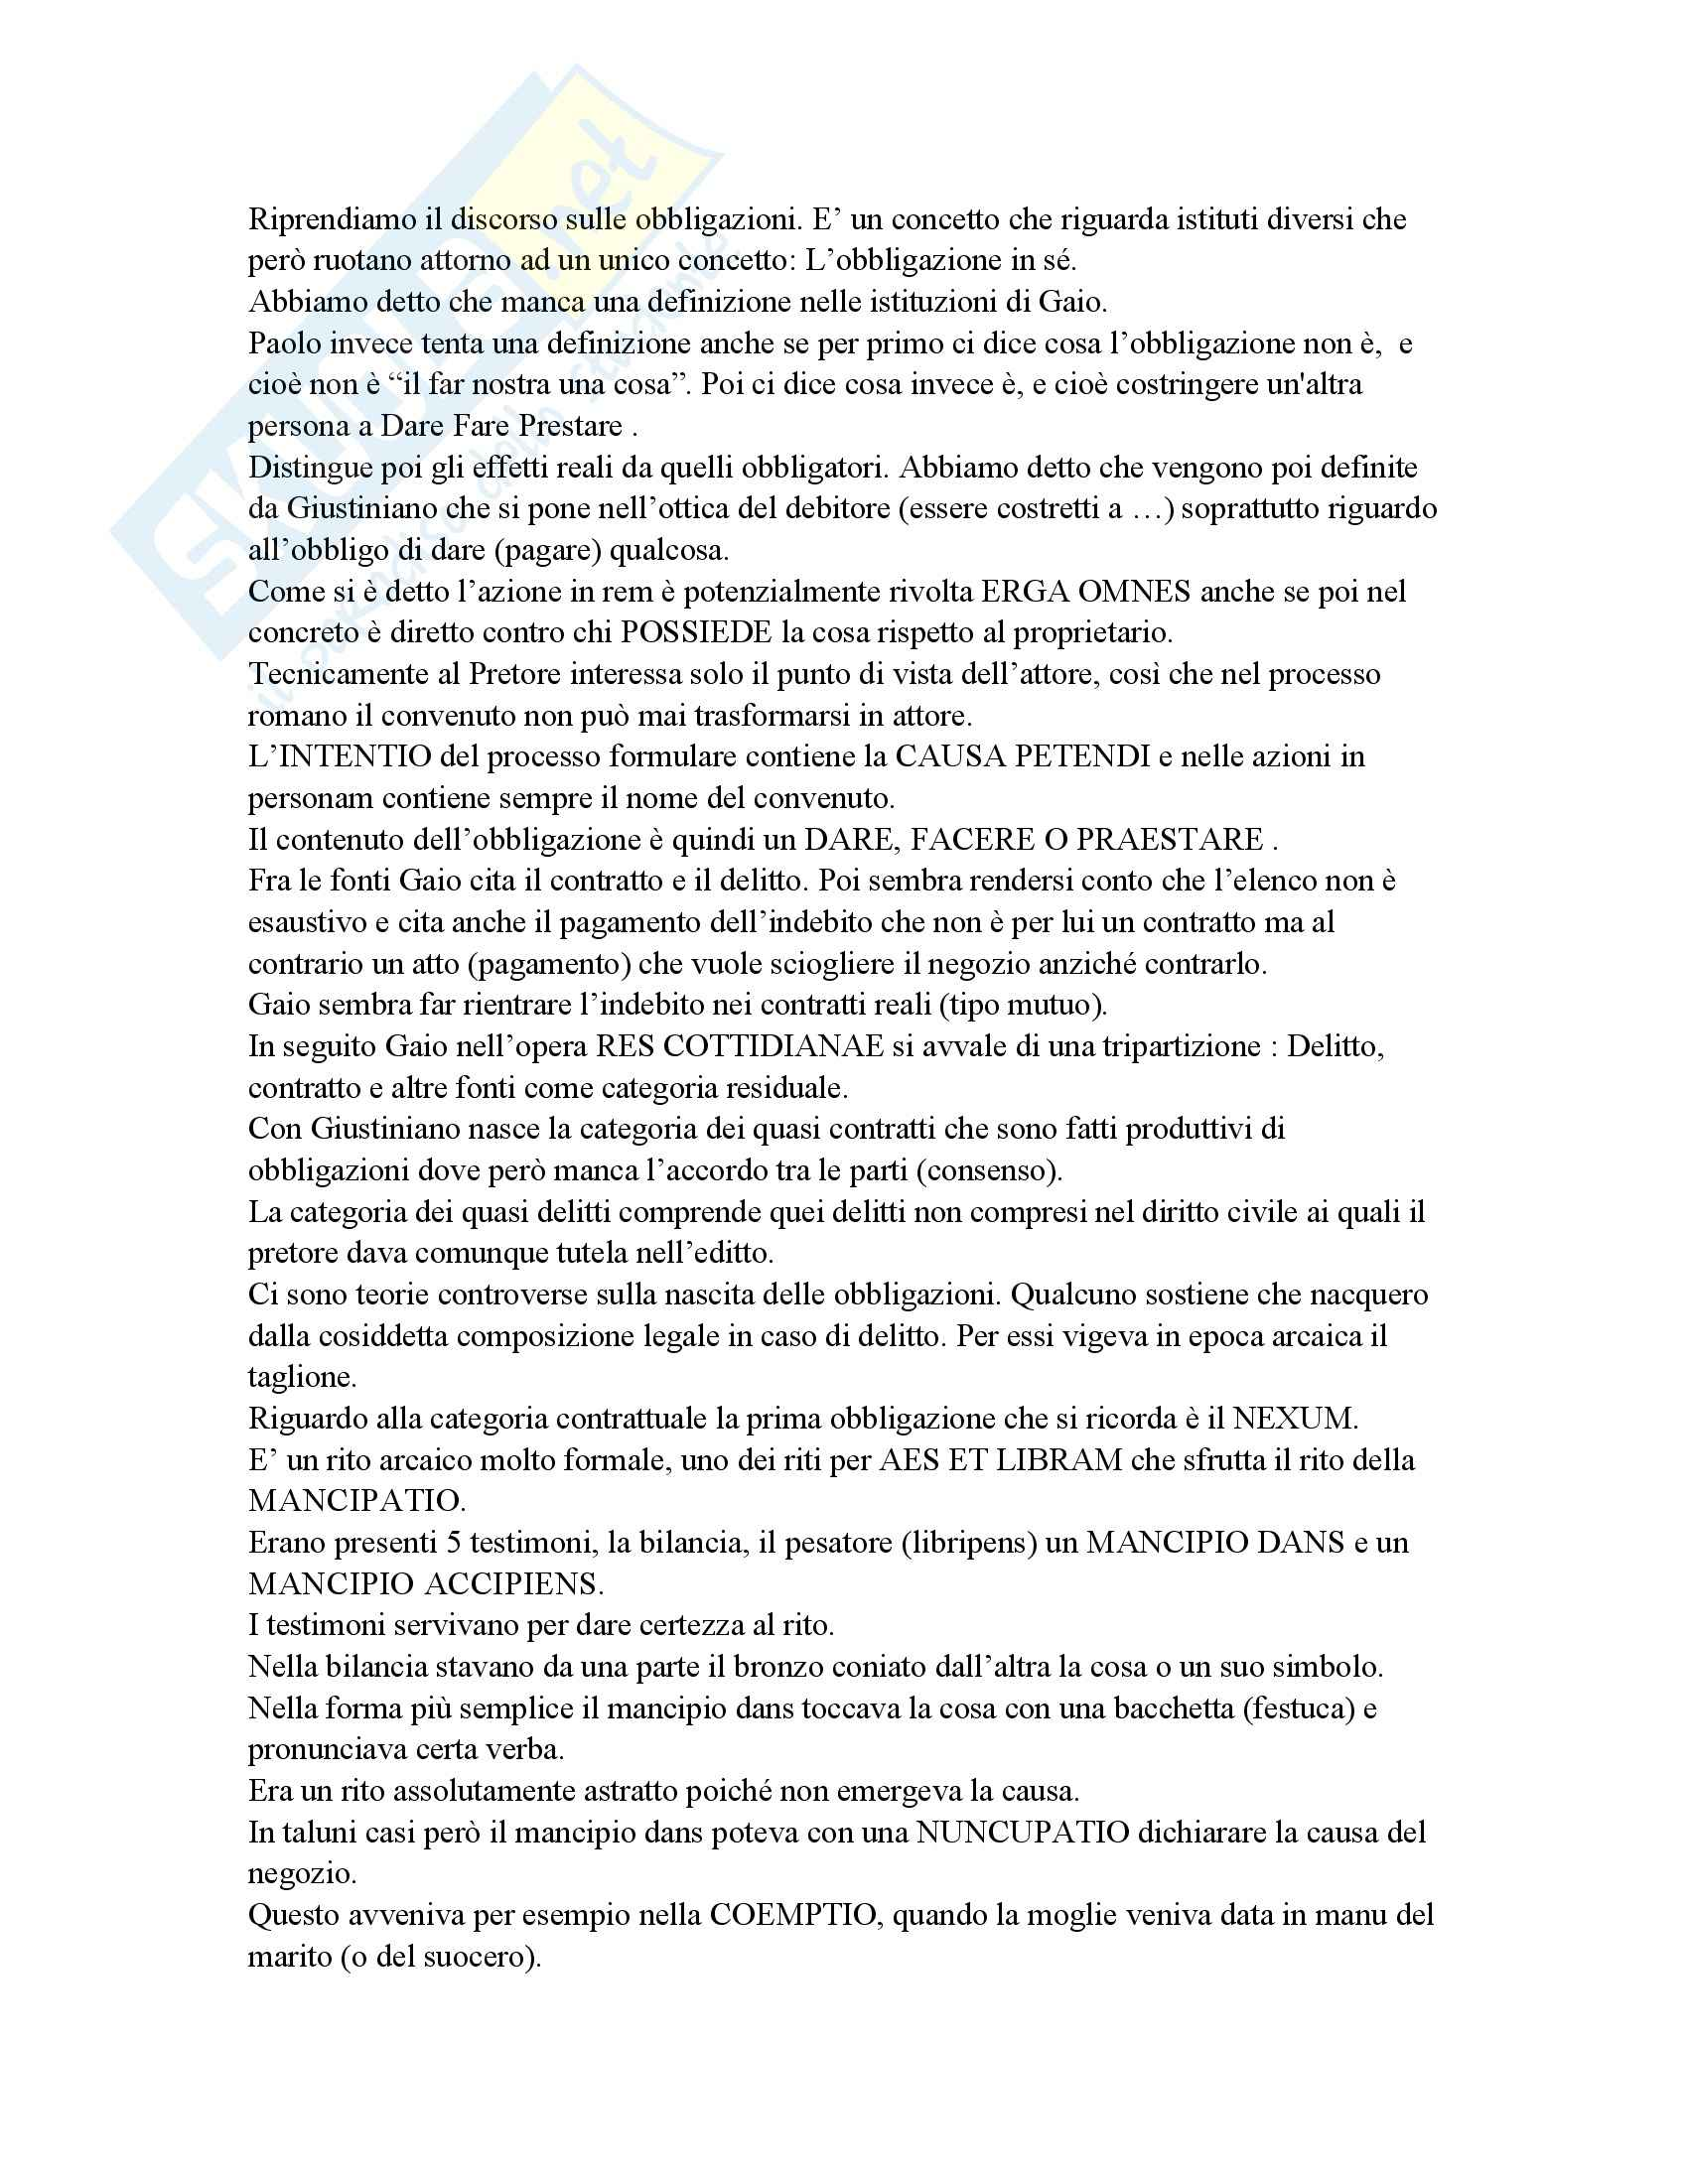 Diritto romano - Lezioni e Marrone Pag. 31